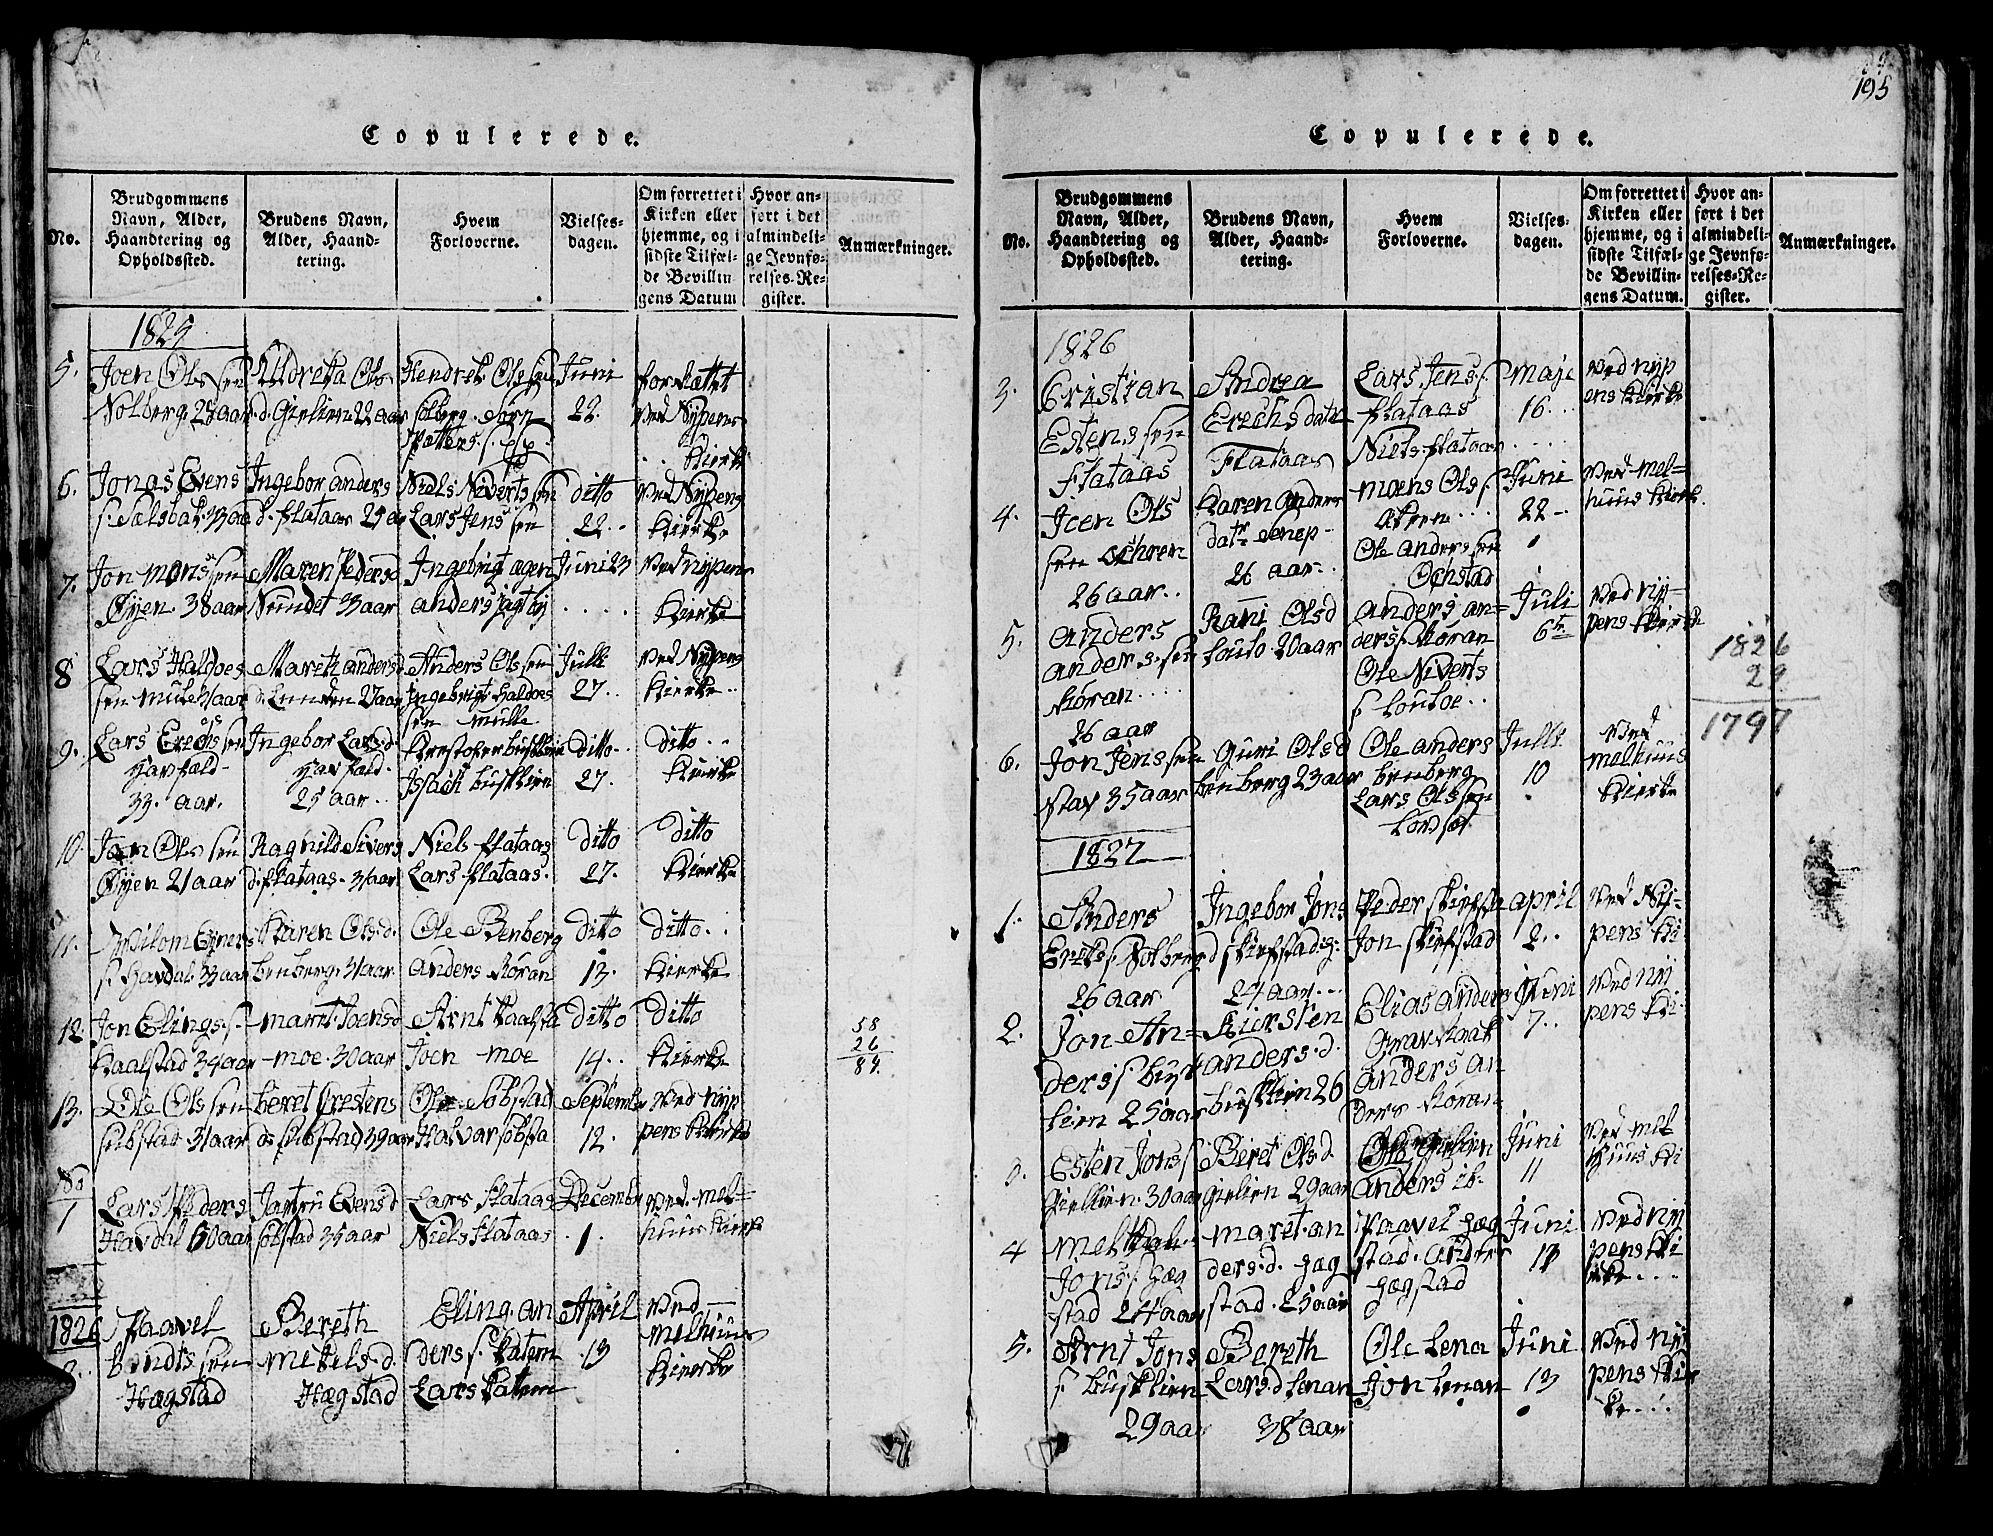 SAT, Ministerialprotokoller, klokkerbøker og fødselsregistre - Sør-Trøndelag, 613/L0393: Klokkerbok nr. 613C01, 1816-1886, s. 195